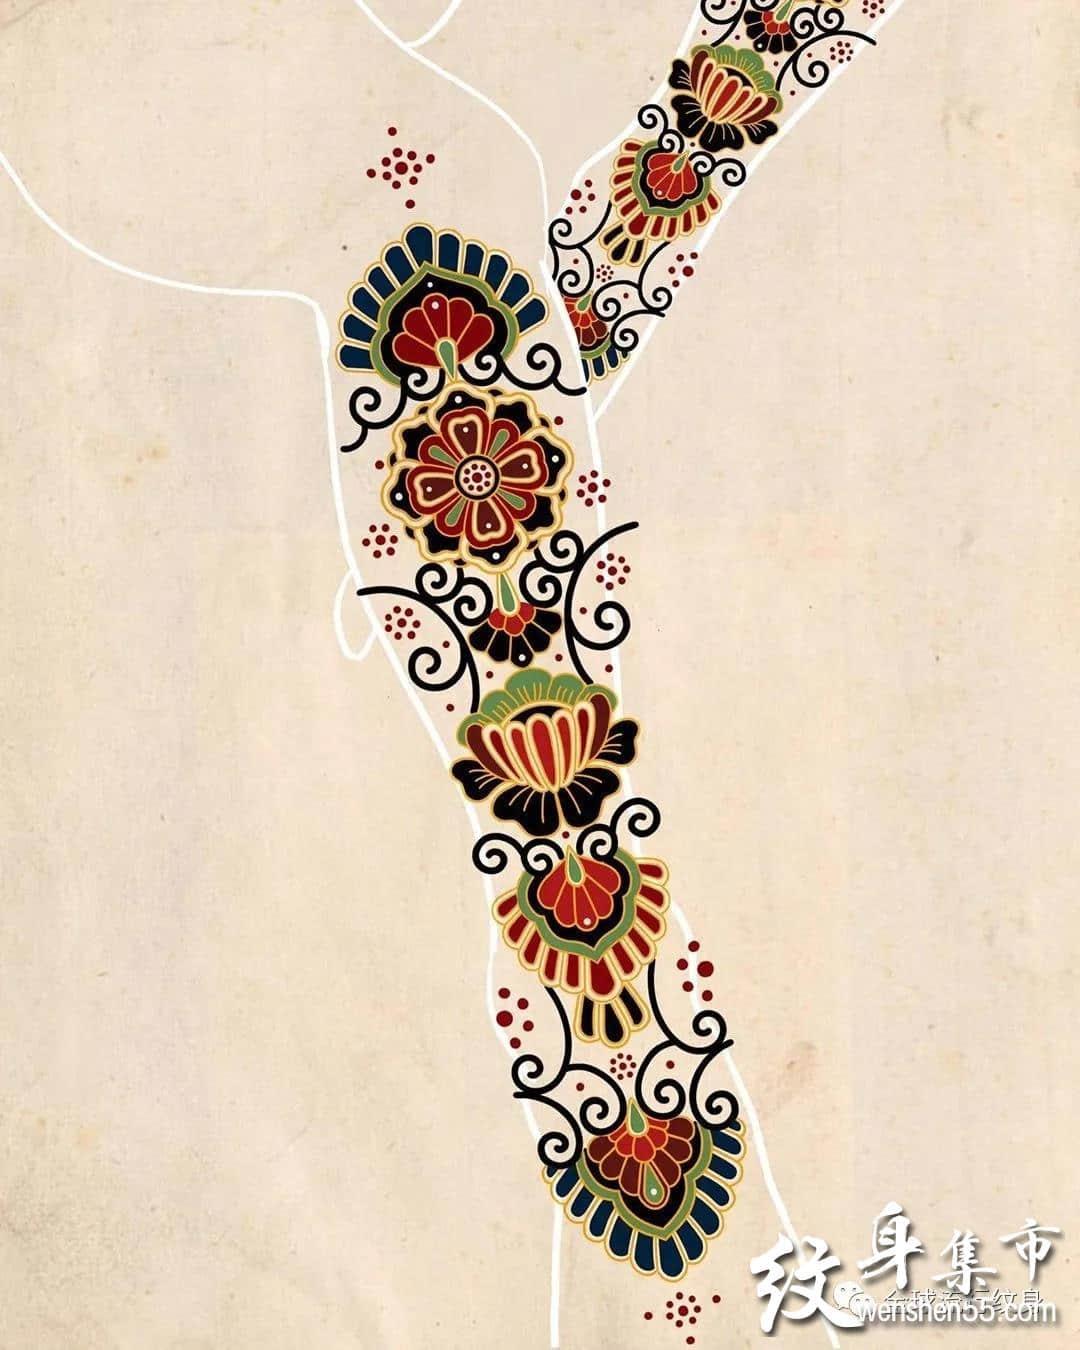 装饰花纹纹身,装饰花纹纹身手稿,装饰花纹纹身手稿图案